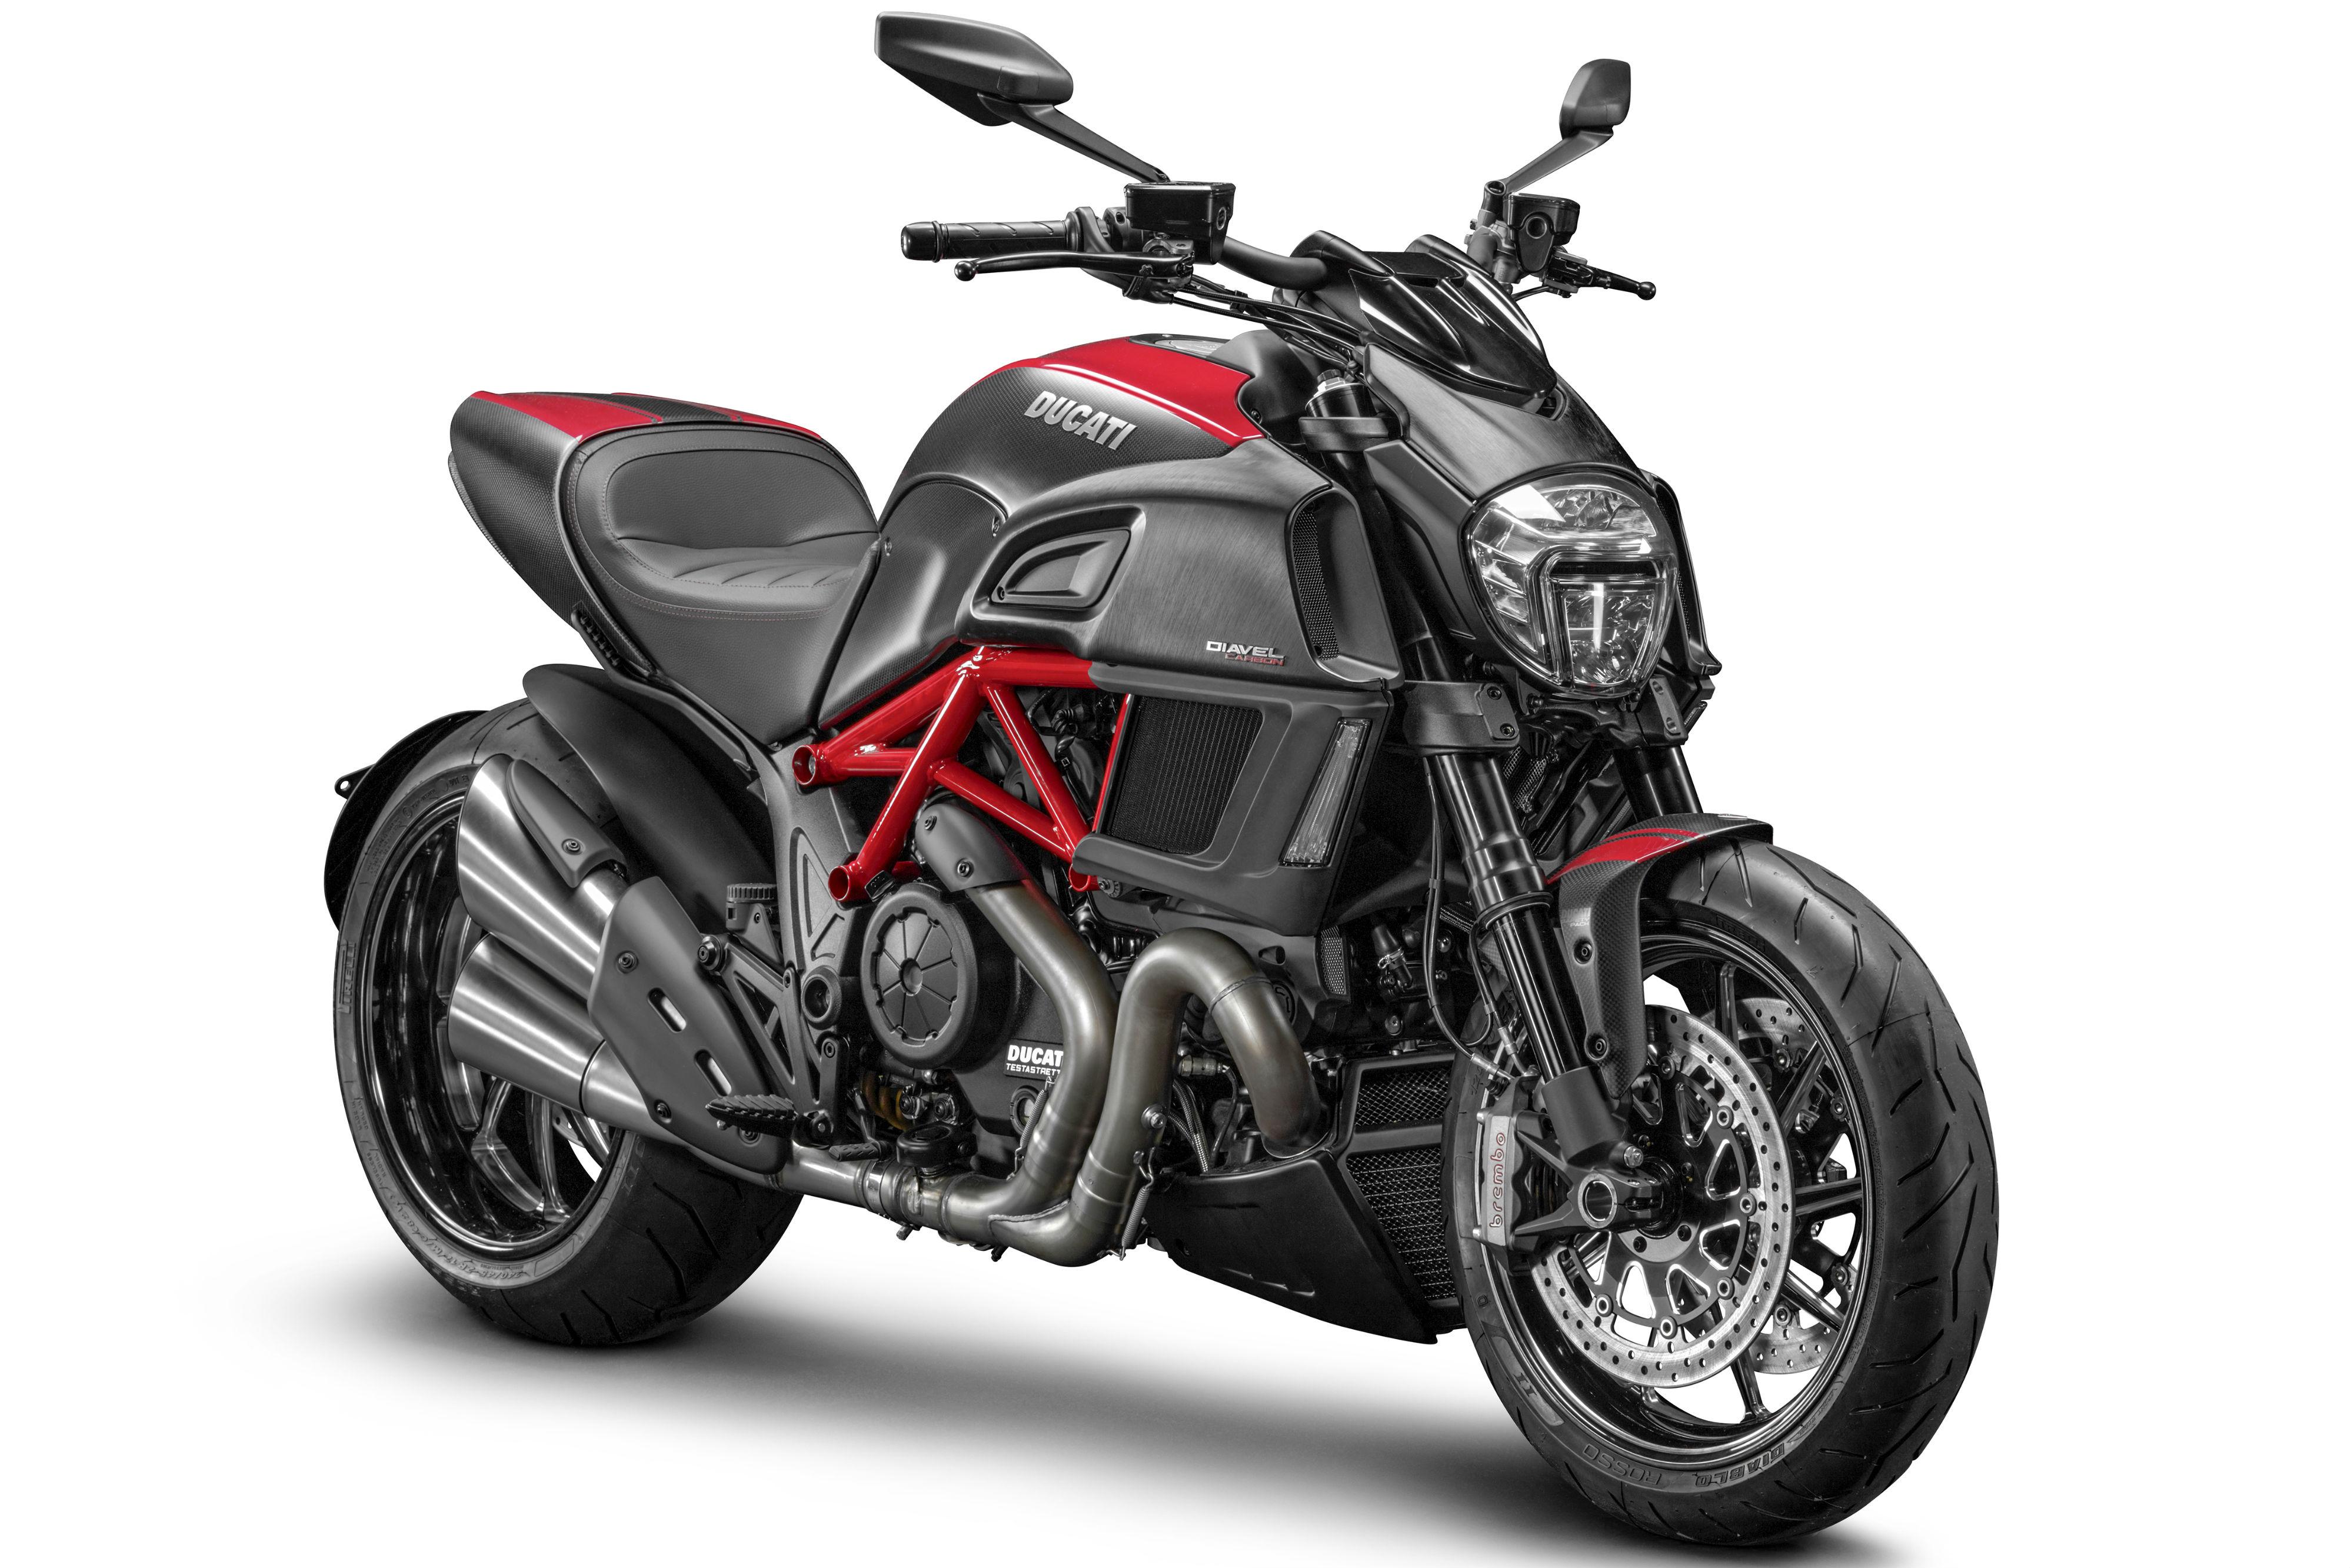 First Uk Ride Ducati Diavel 2014 Review Visordown